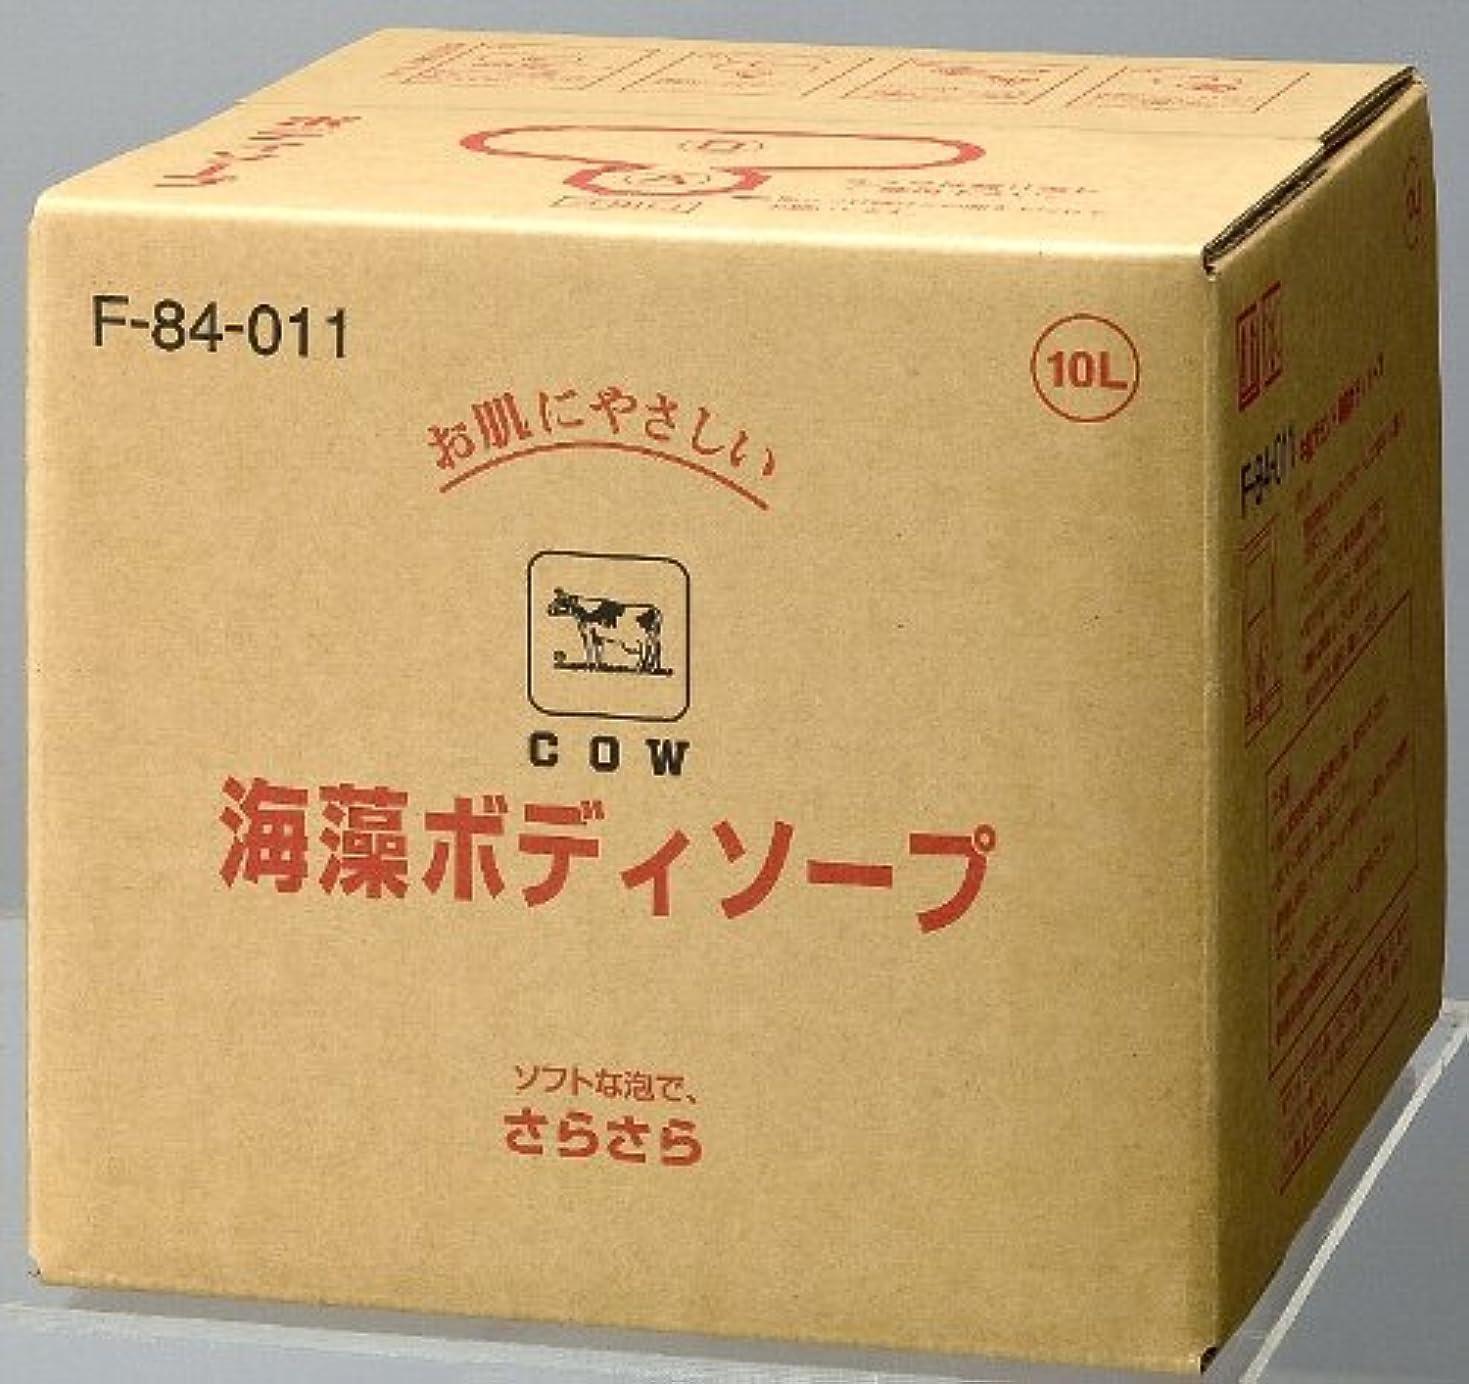 振り向く航空便リットル【業務用】カウブランド海藻ボディソープ 10L